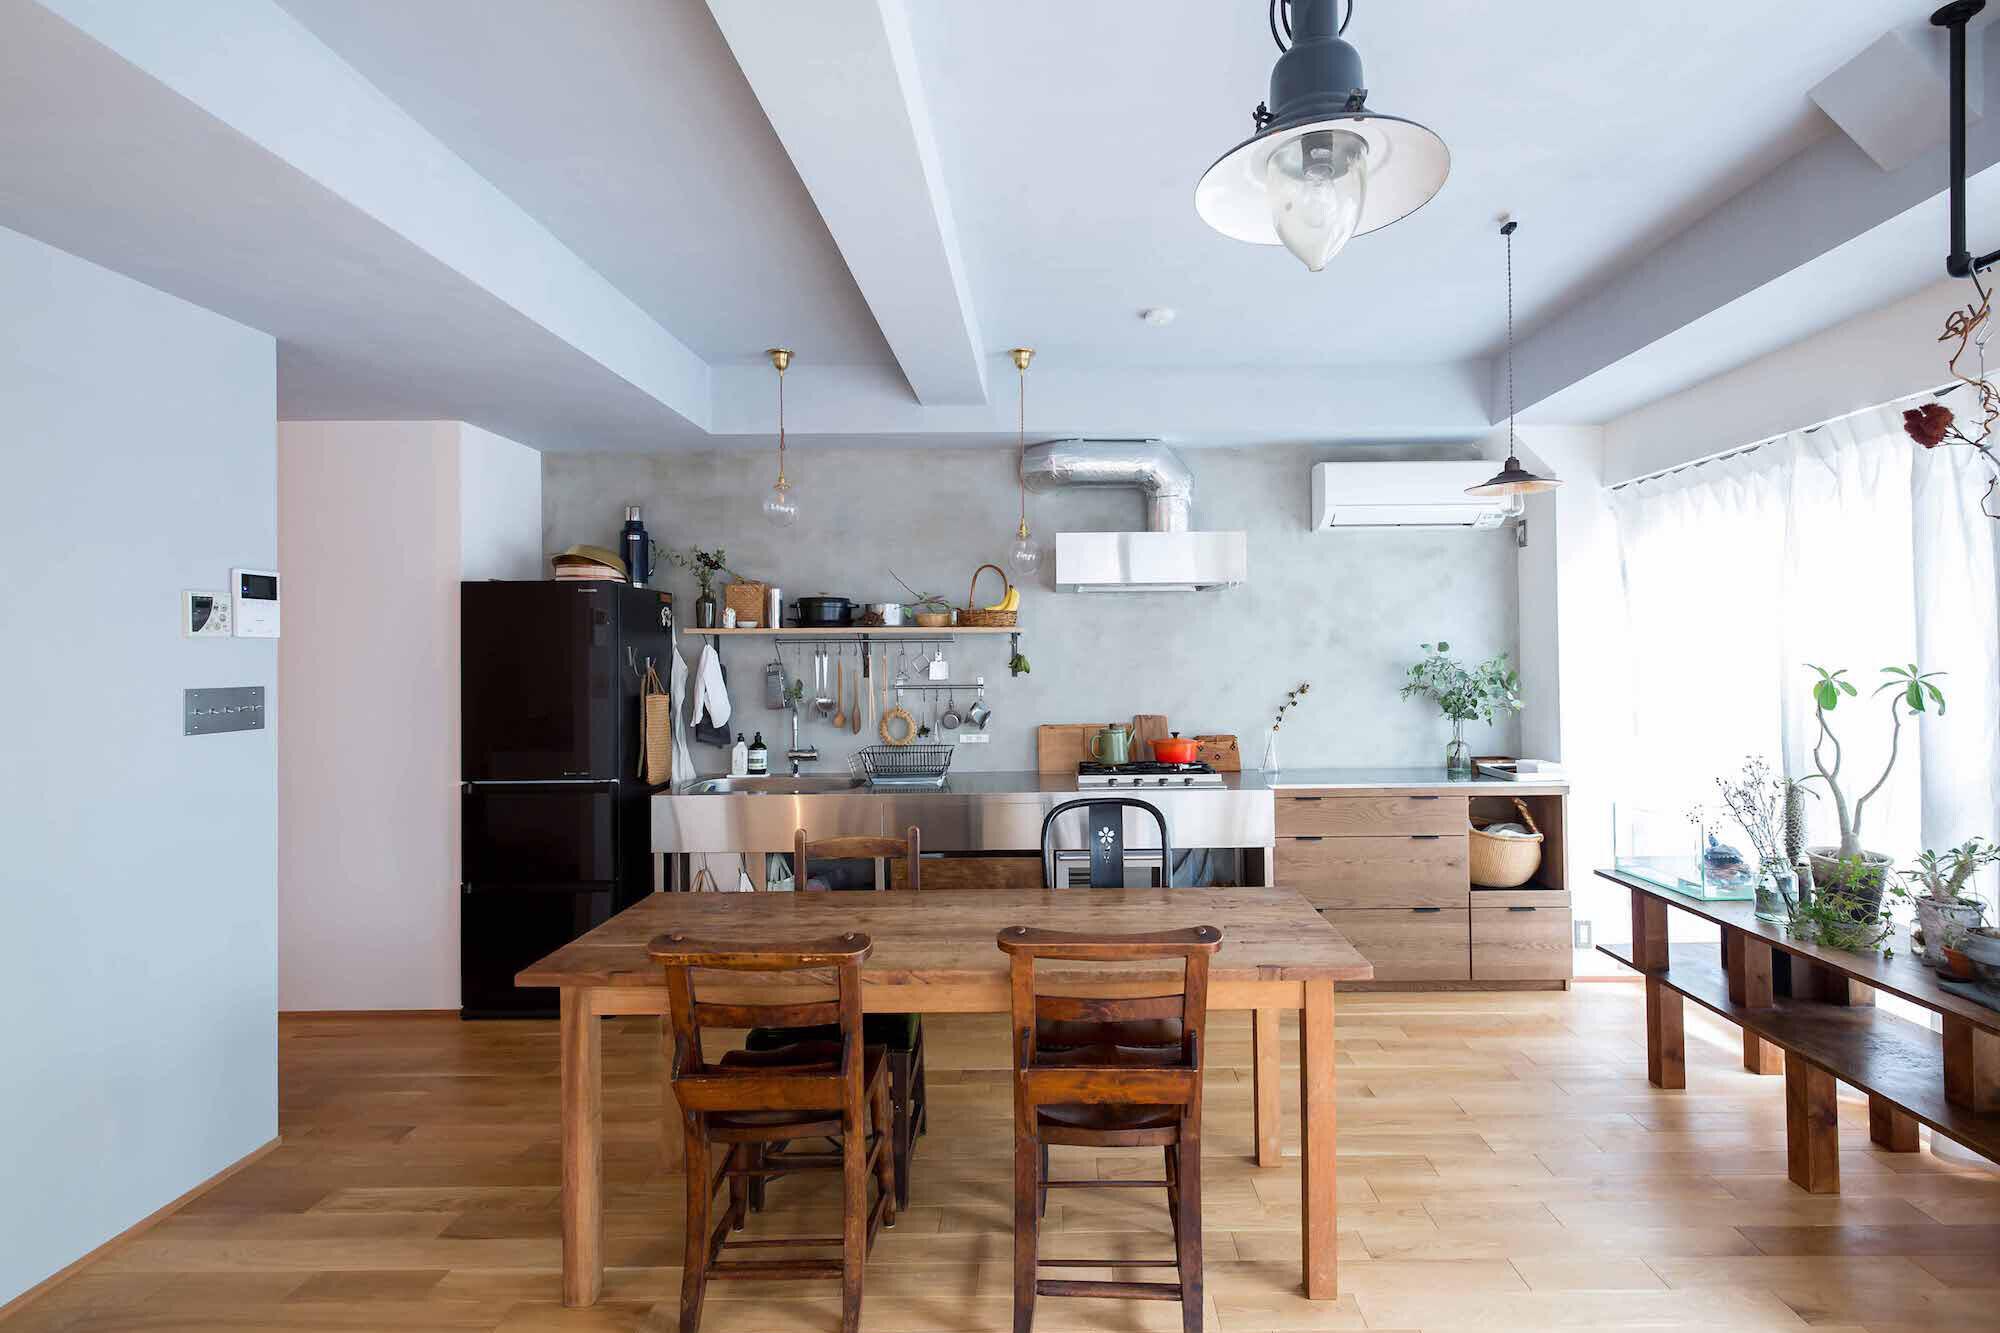 江戸川の家1(ノームコアな家)の建築事例写真